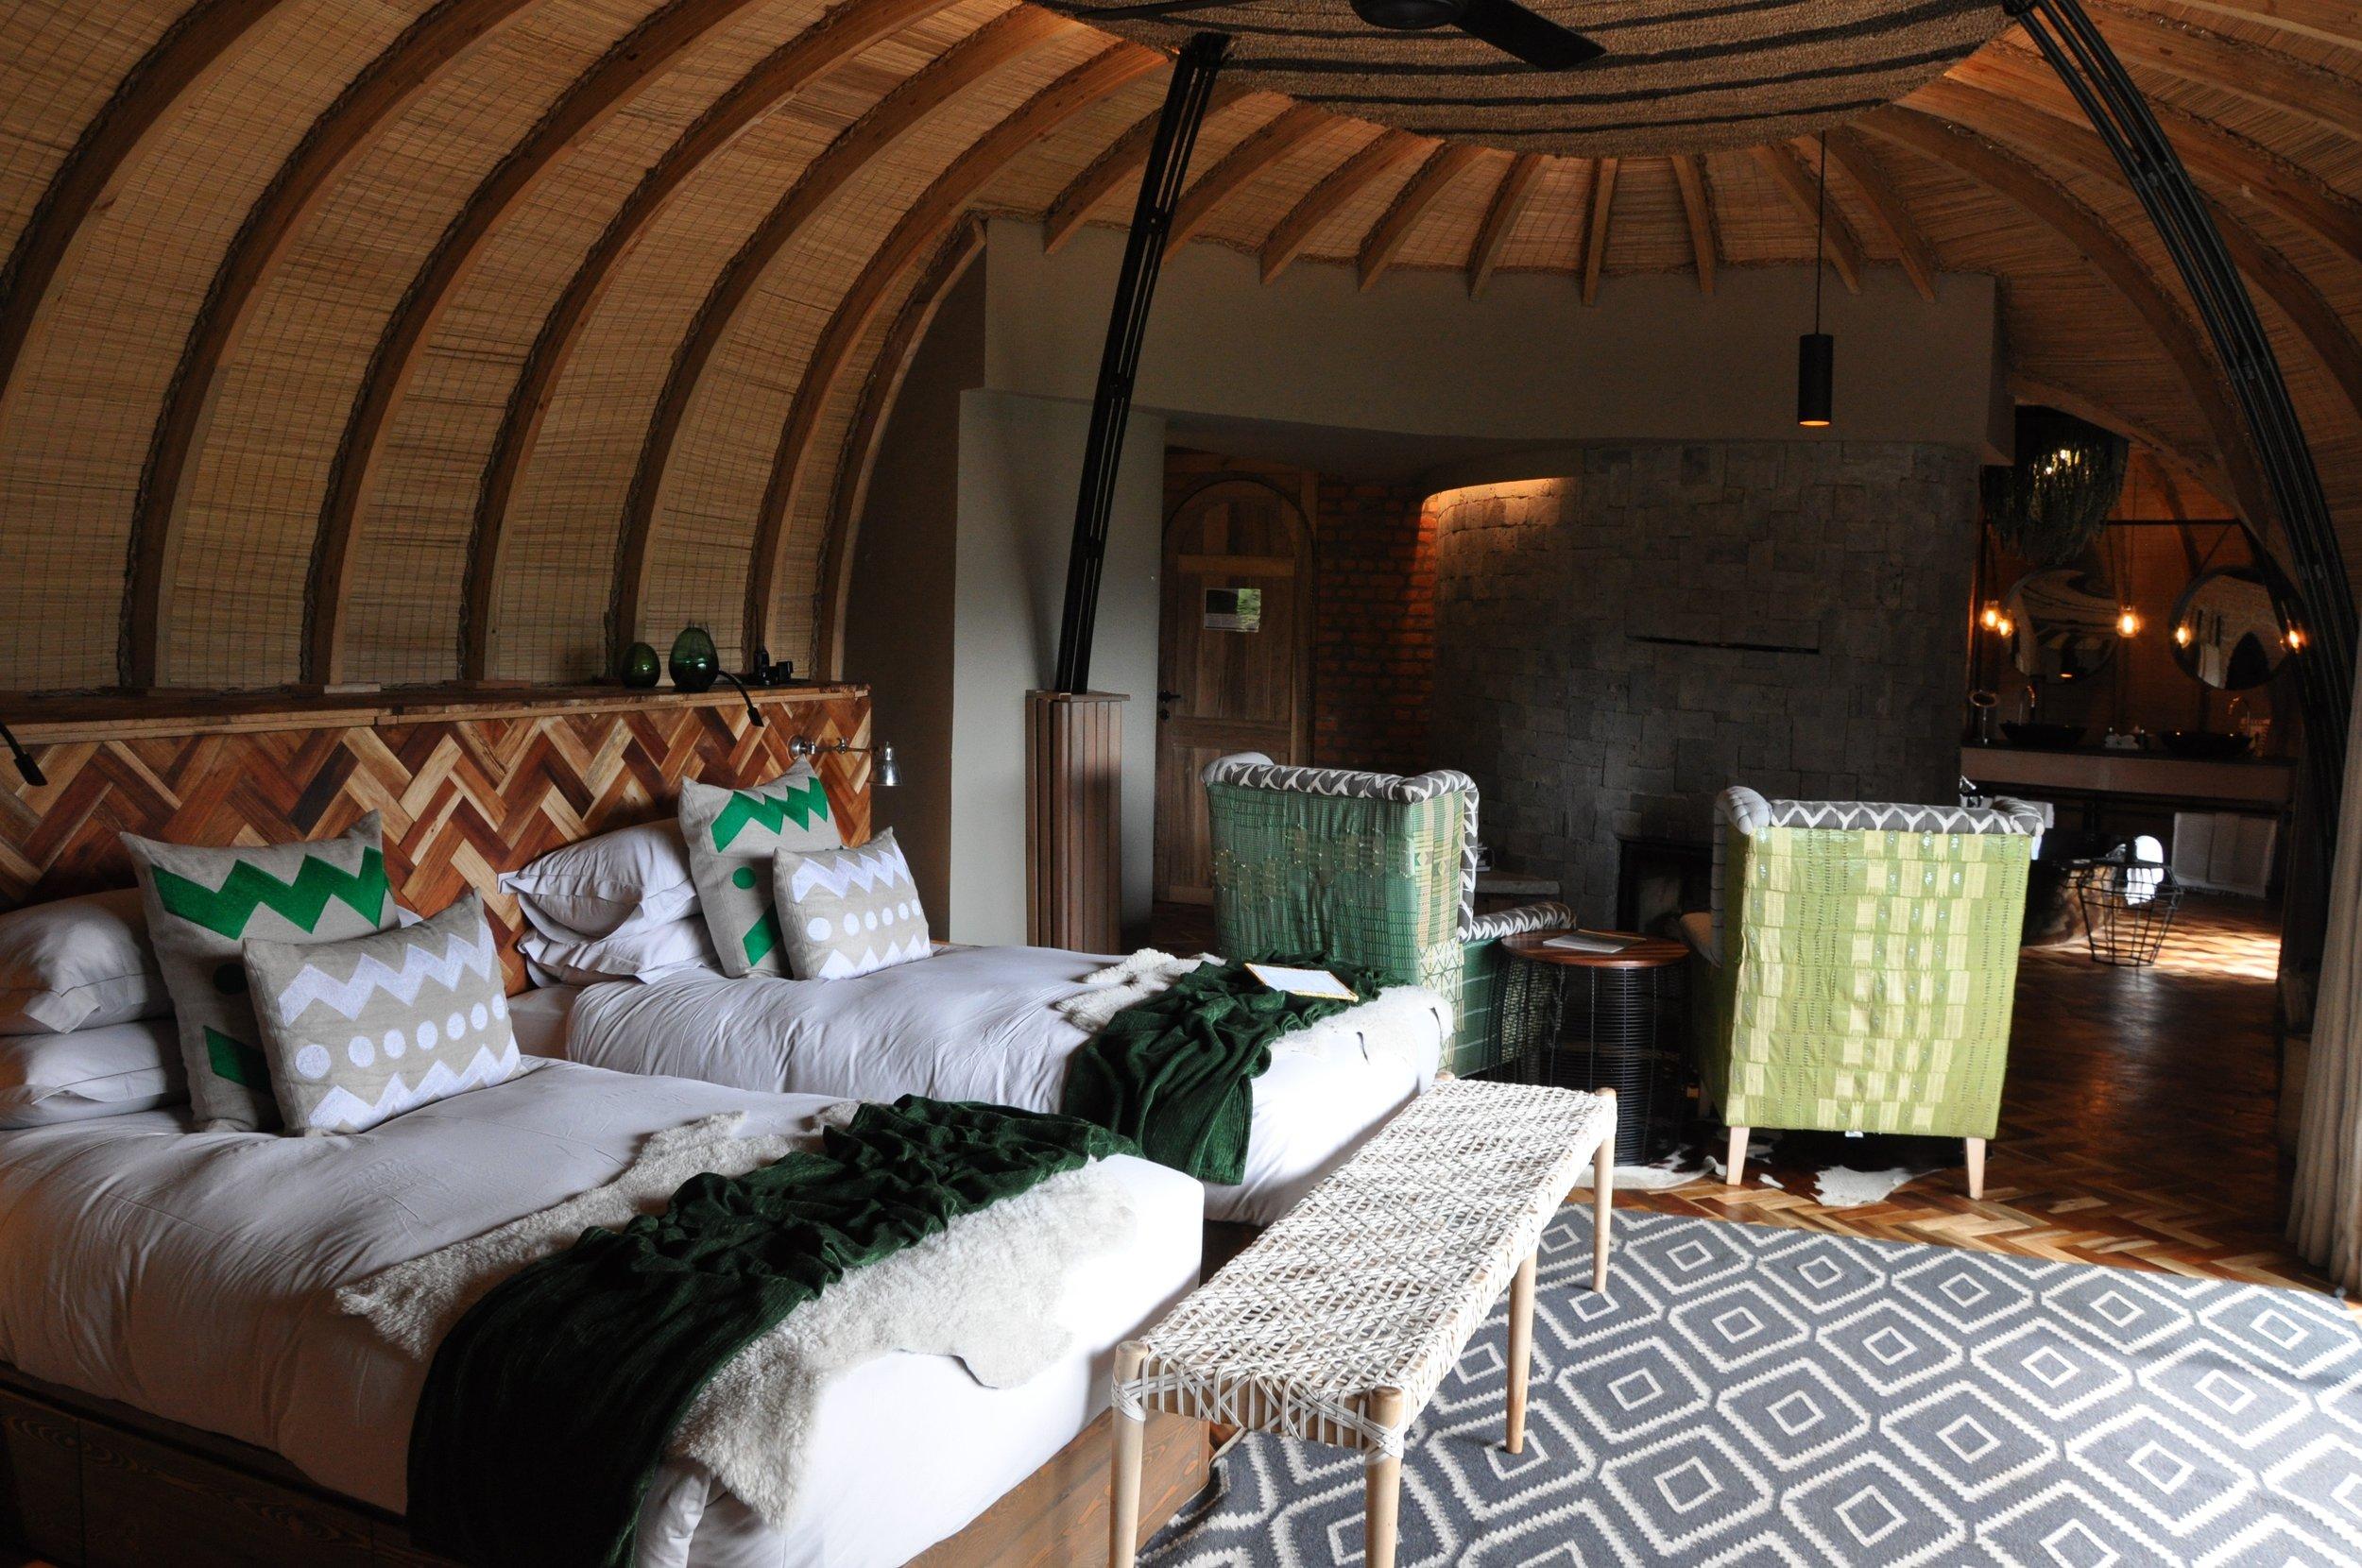 MEMENTO_RWANDA RENAISSANCE_Eric Turpin_1_Bisate chambre.jpg